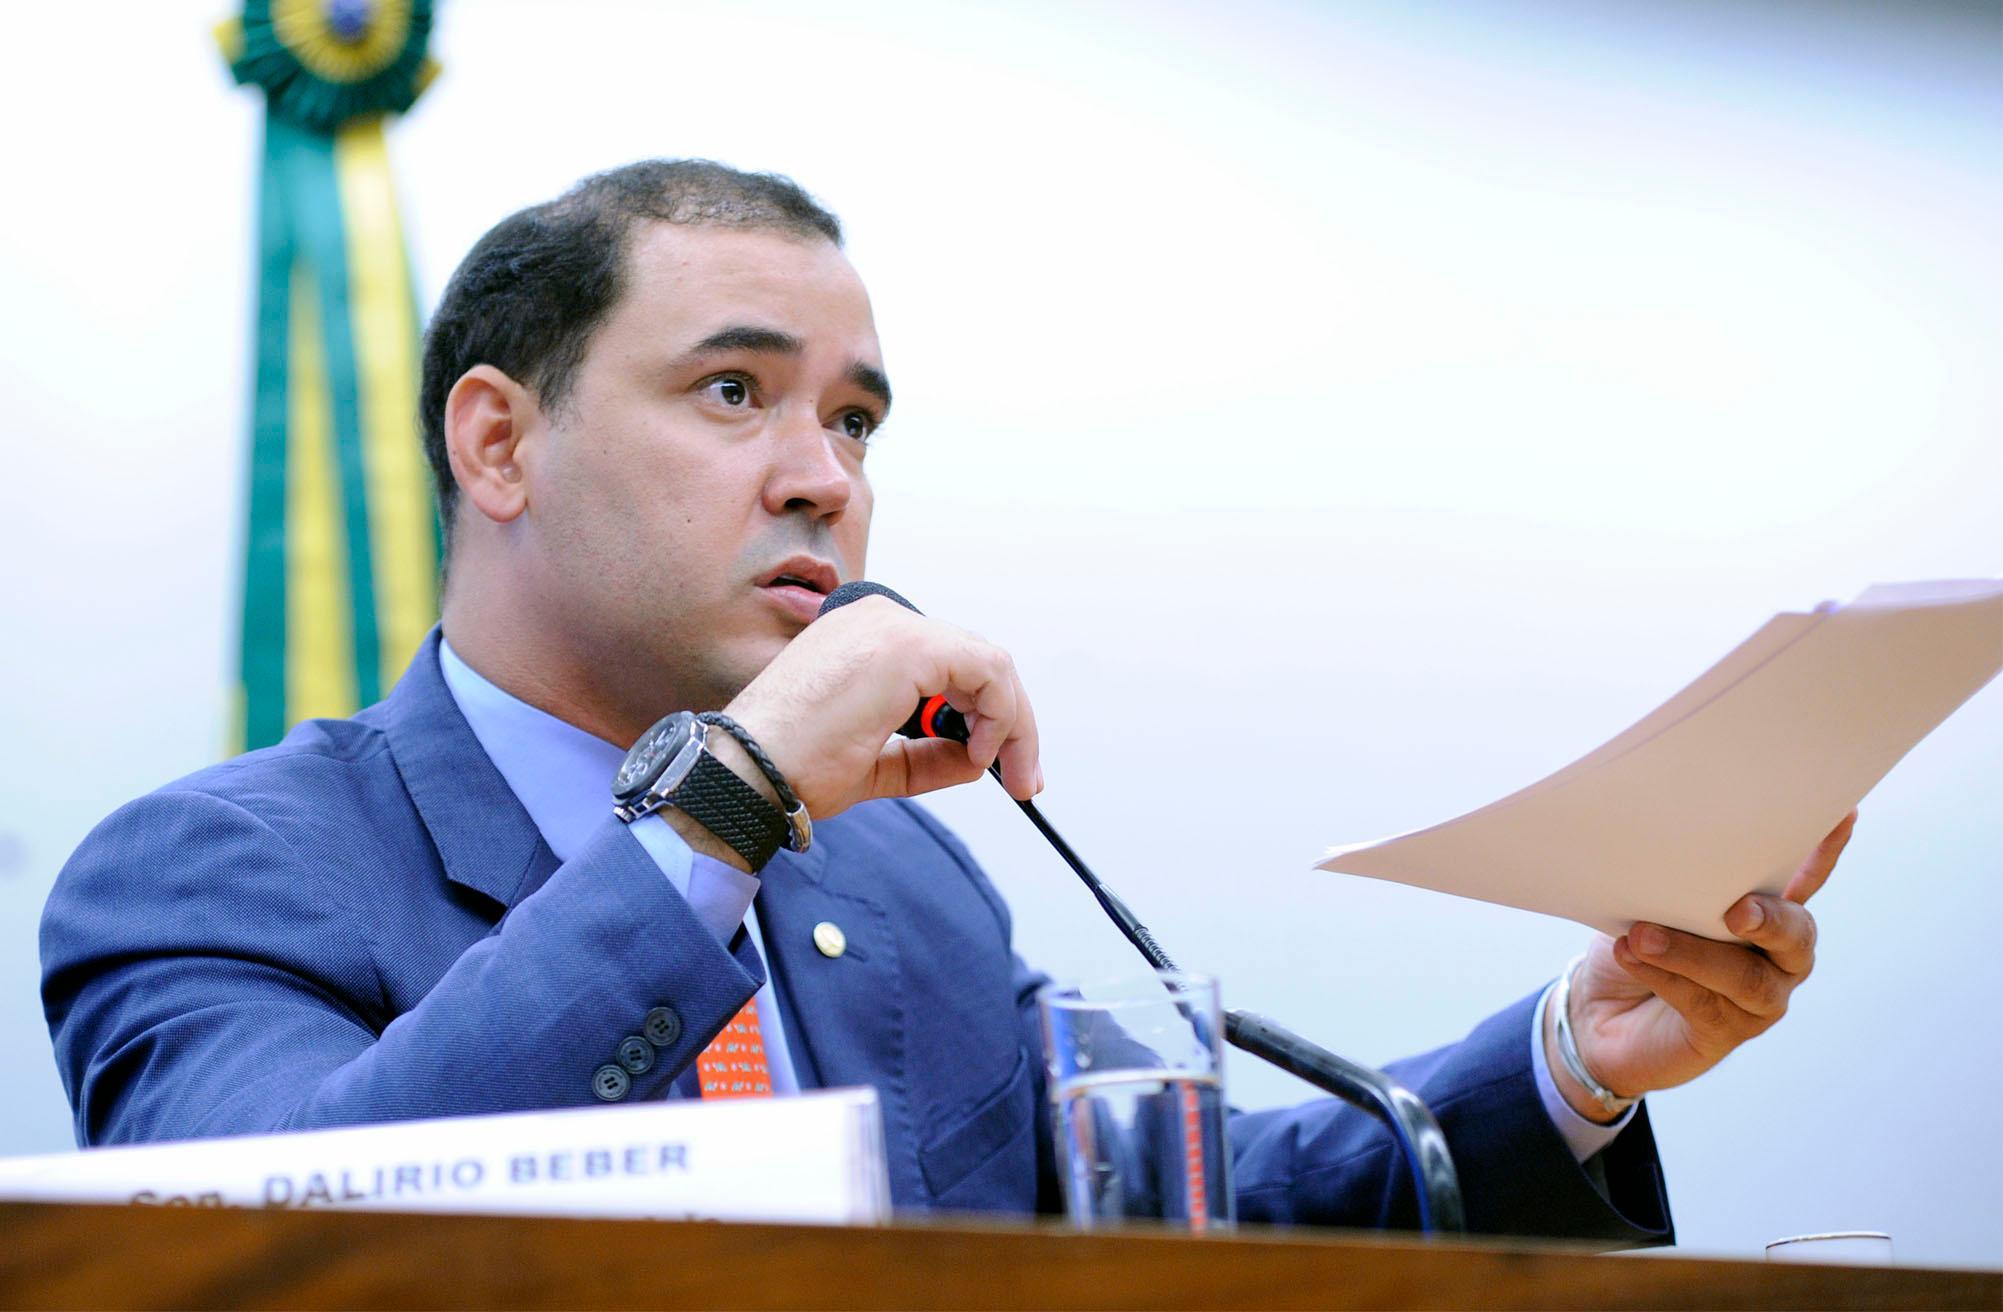 Foto Câmara dos Deputados